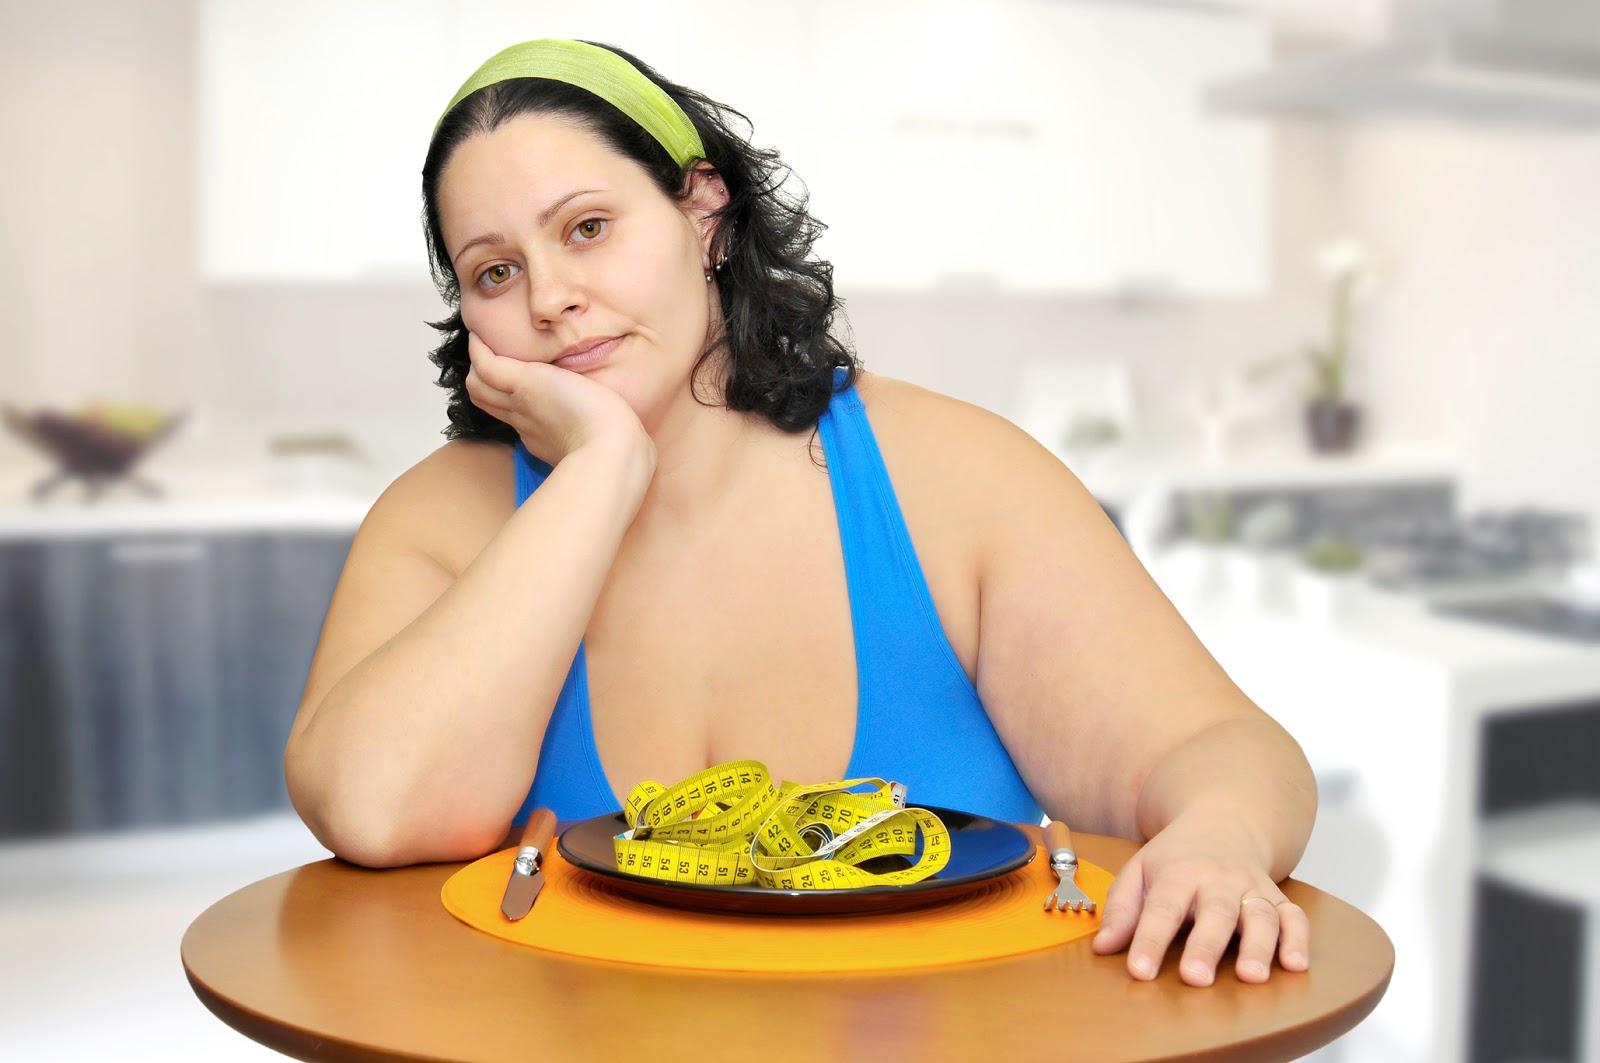 Tại sao phụ nữ trên 40 tuổi kiêng ăn nhưng vẫn béo? - Ảnh 1